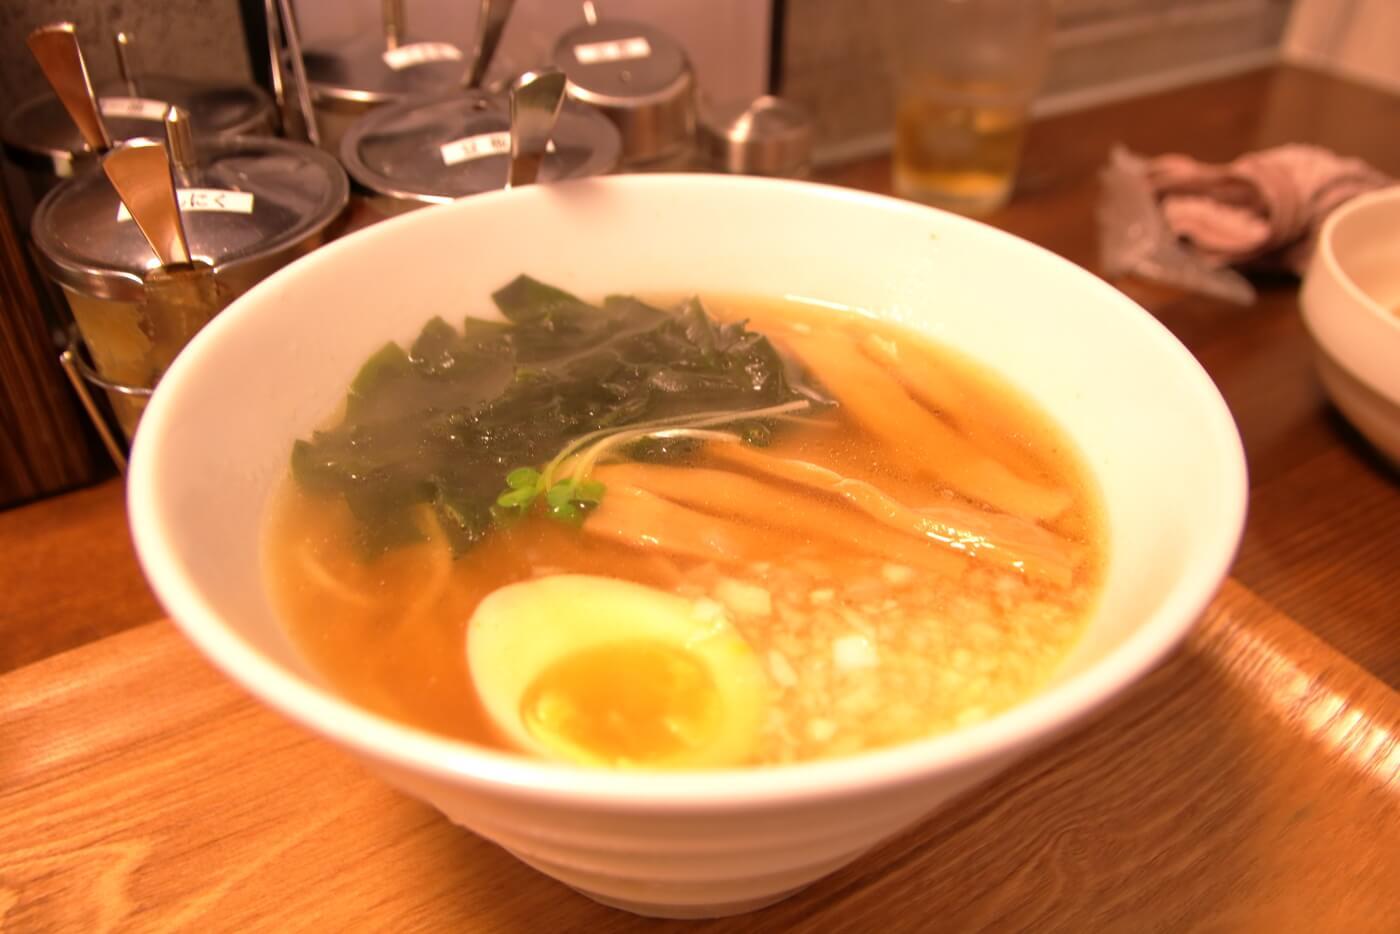 高知市一宮のラーメン店 和へる(あえる) 普通のラーメン(醤油)